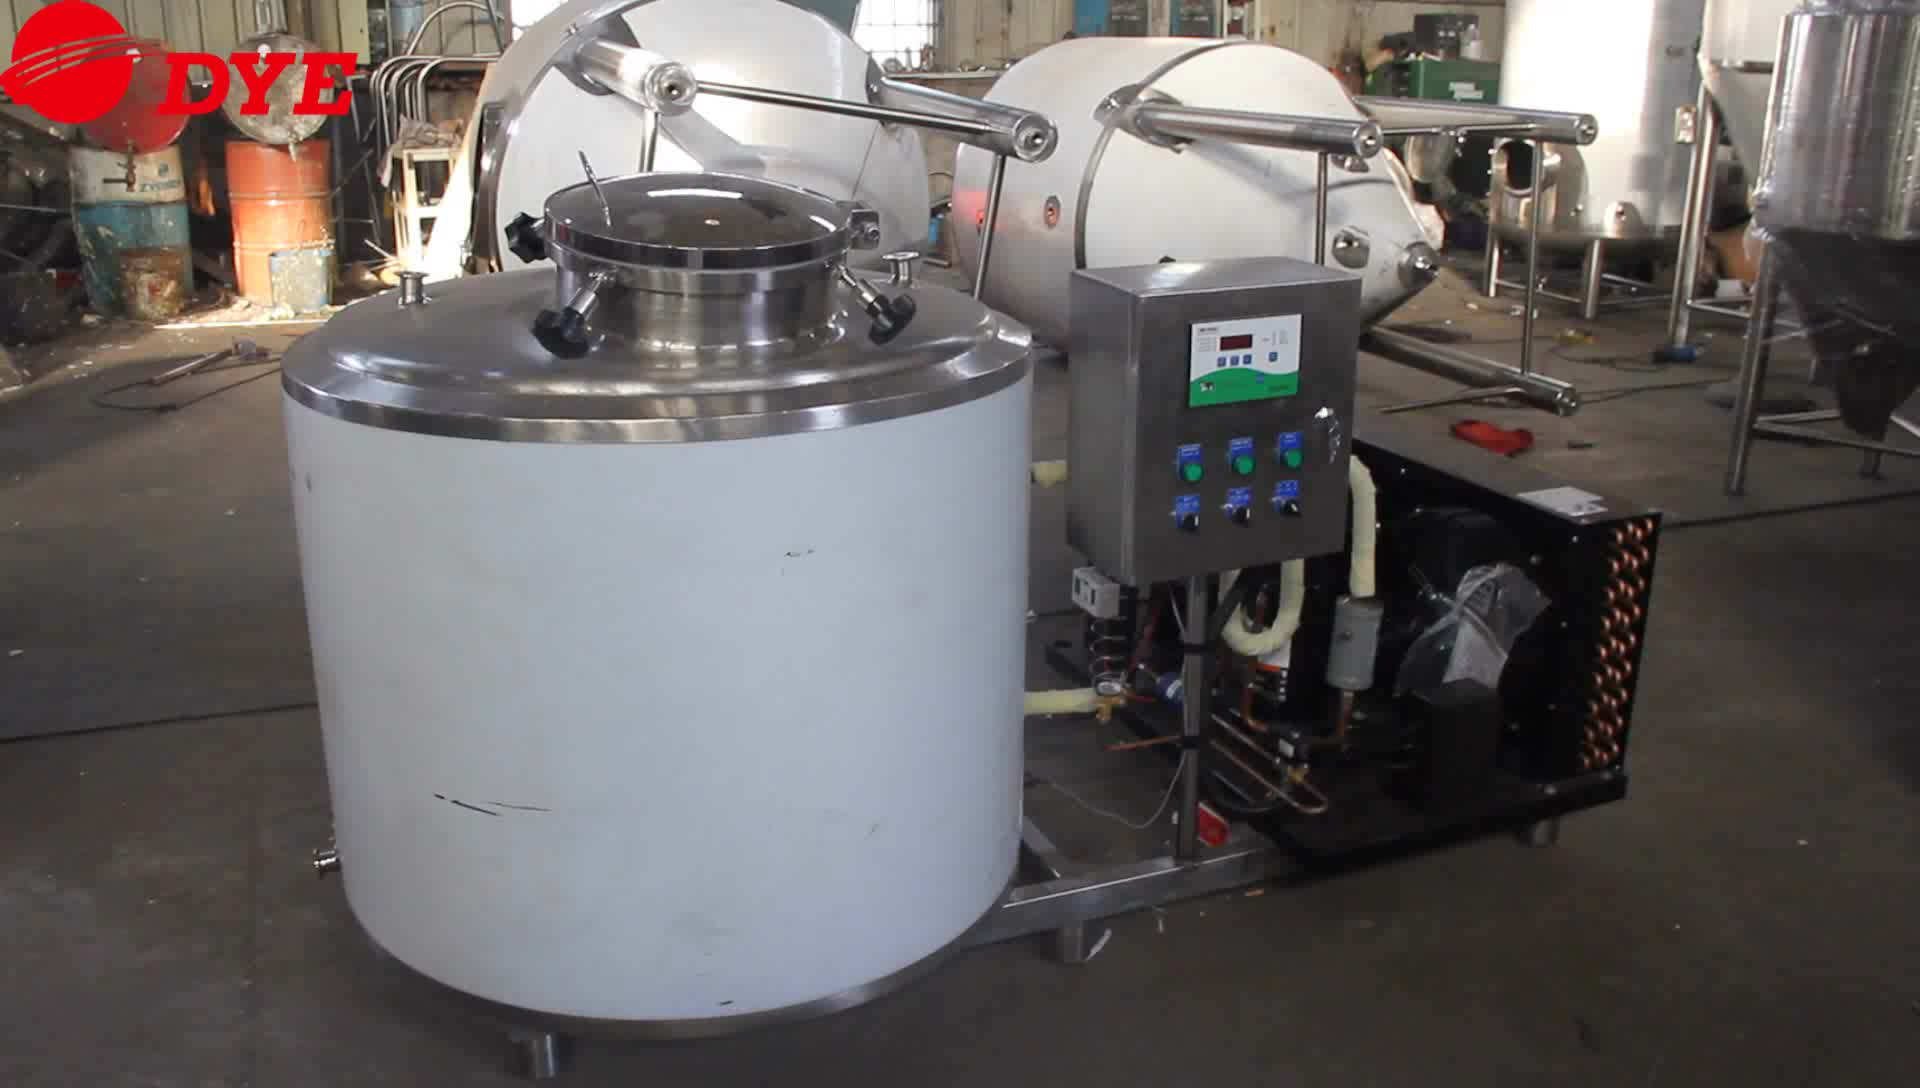 बिक्री के लिए डेयरी प्रसंस्करण उपकरण दूध ठंडा टैंक